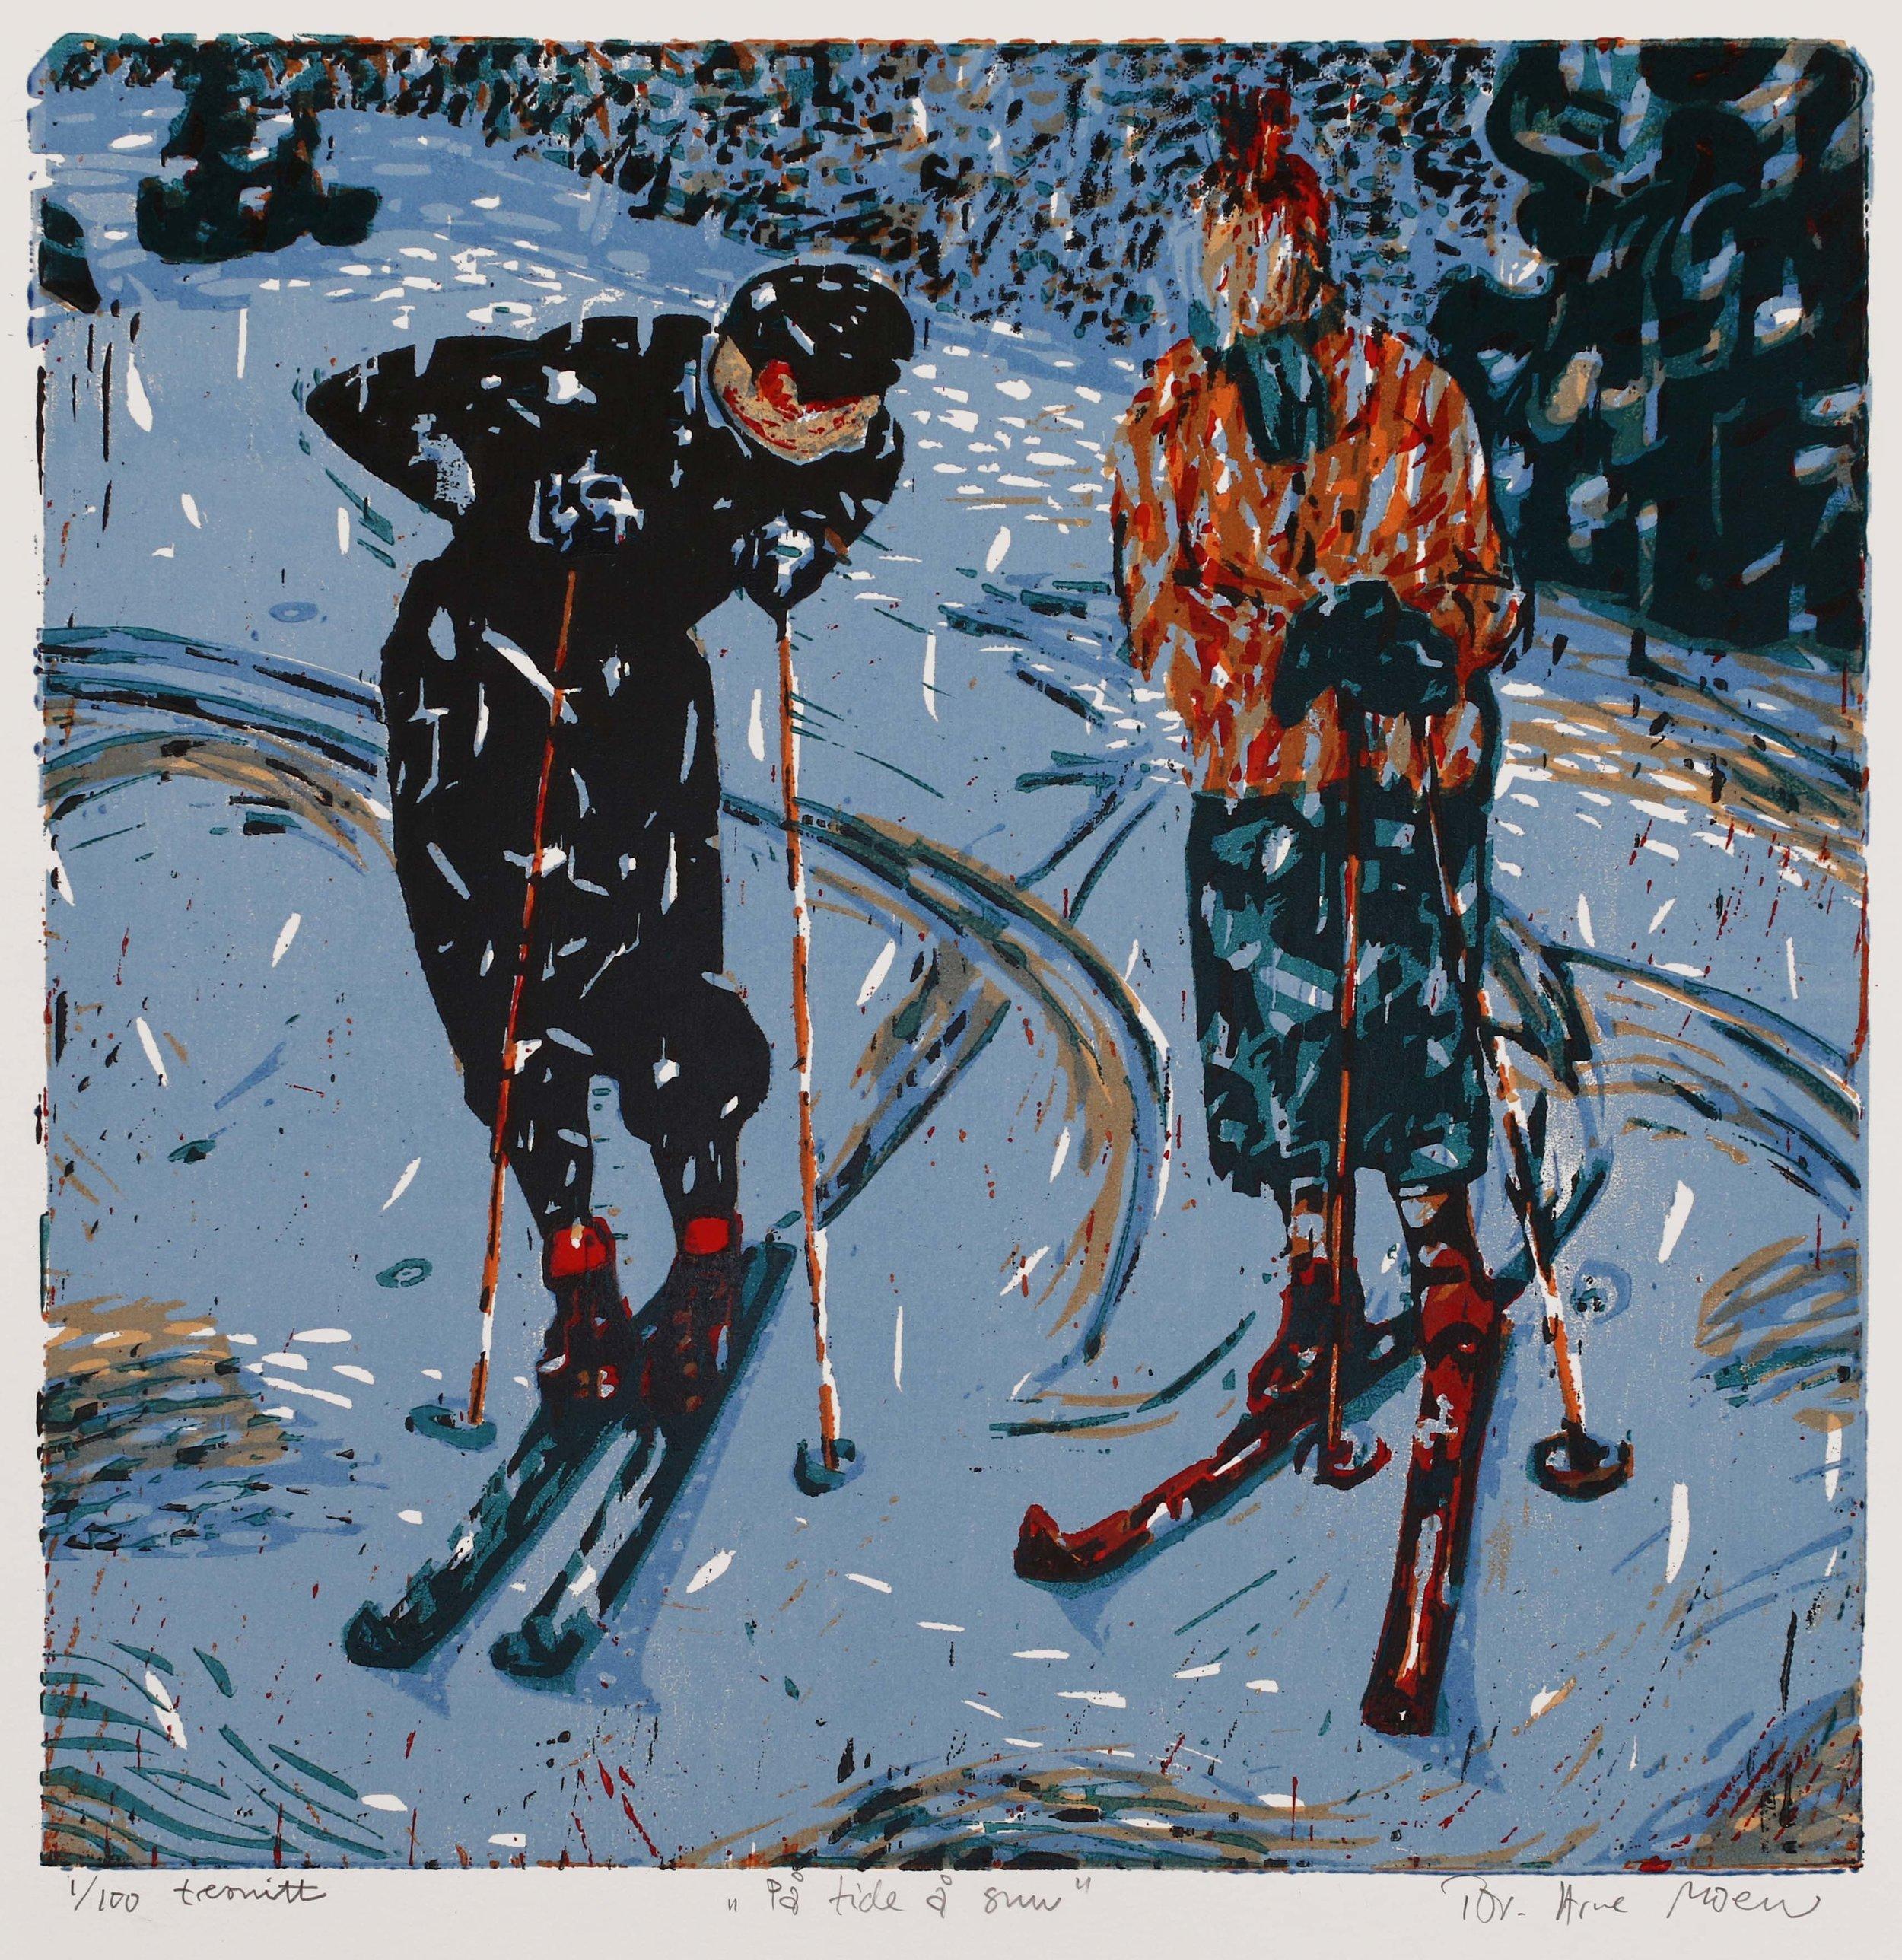 På tide å snu | kr. 4 000,- | 52x52 cm | Fargetresnitt med syv plater | 2019 | 100 eks.